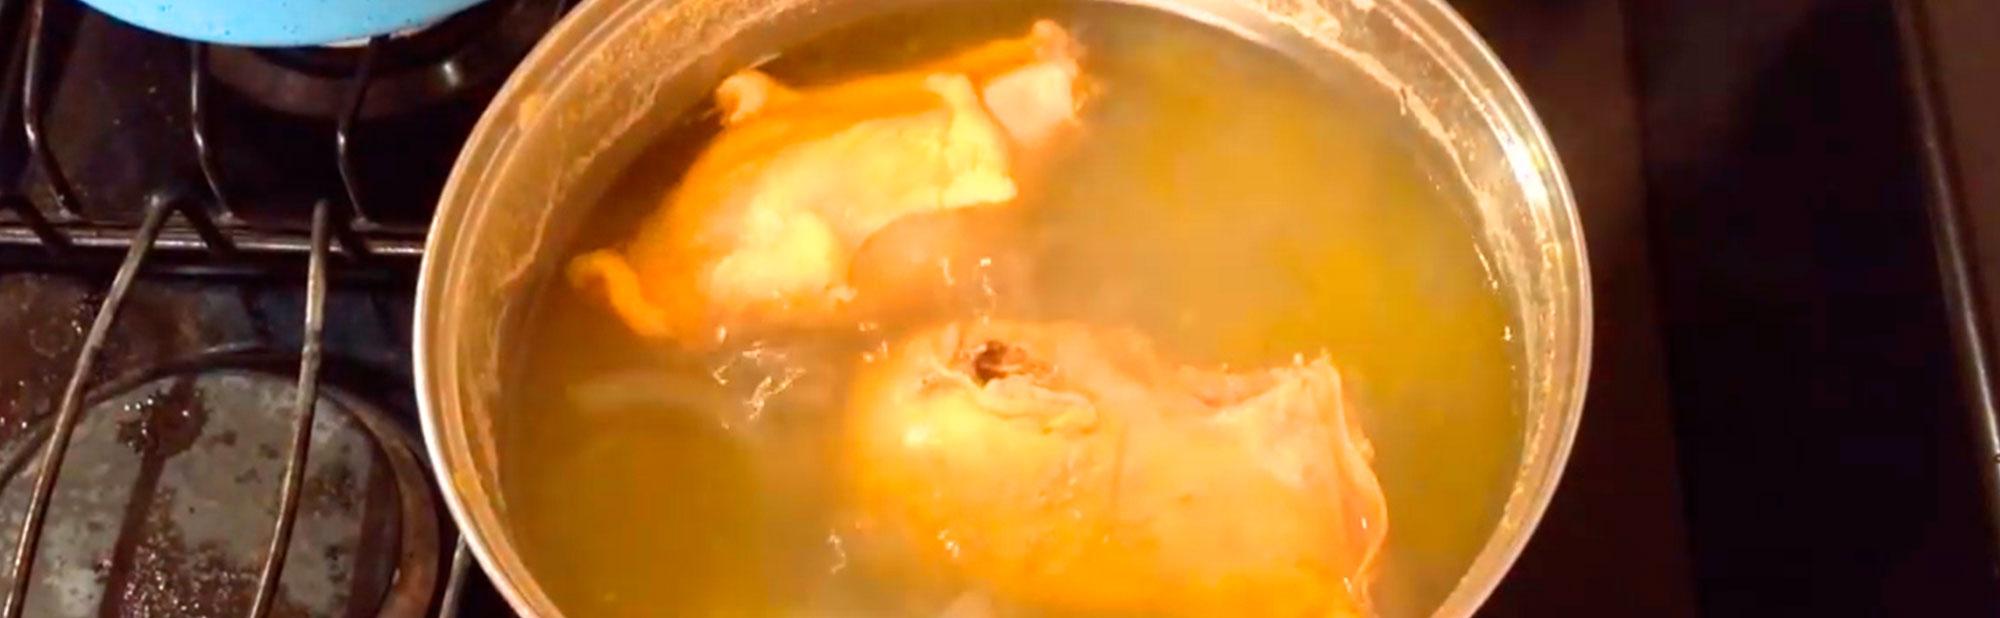 La Antojadera | Cocer Pechuga de Pollo